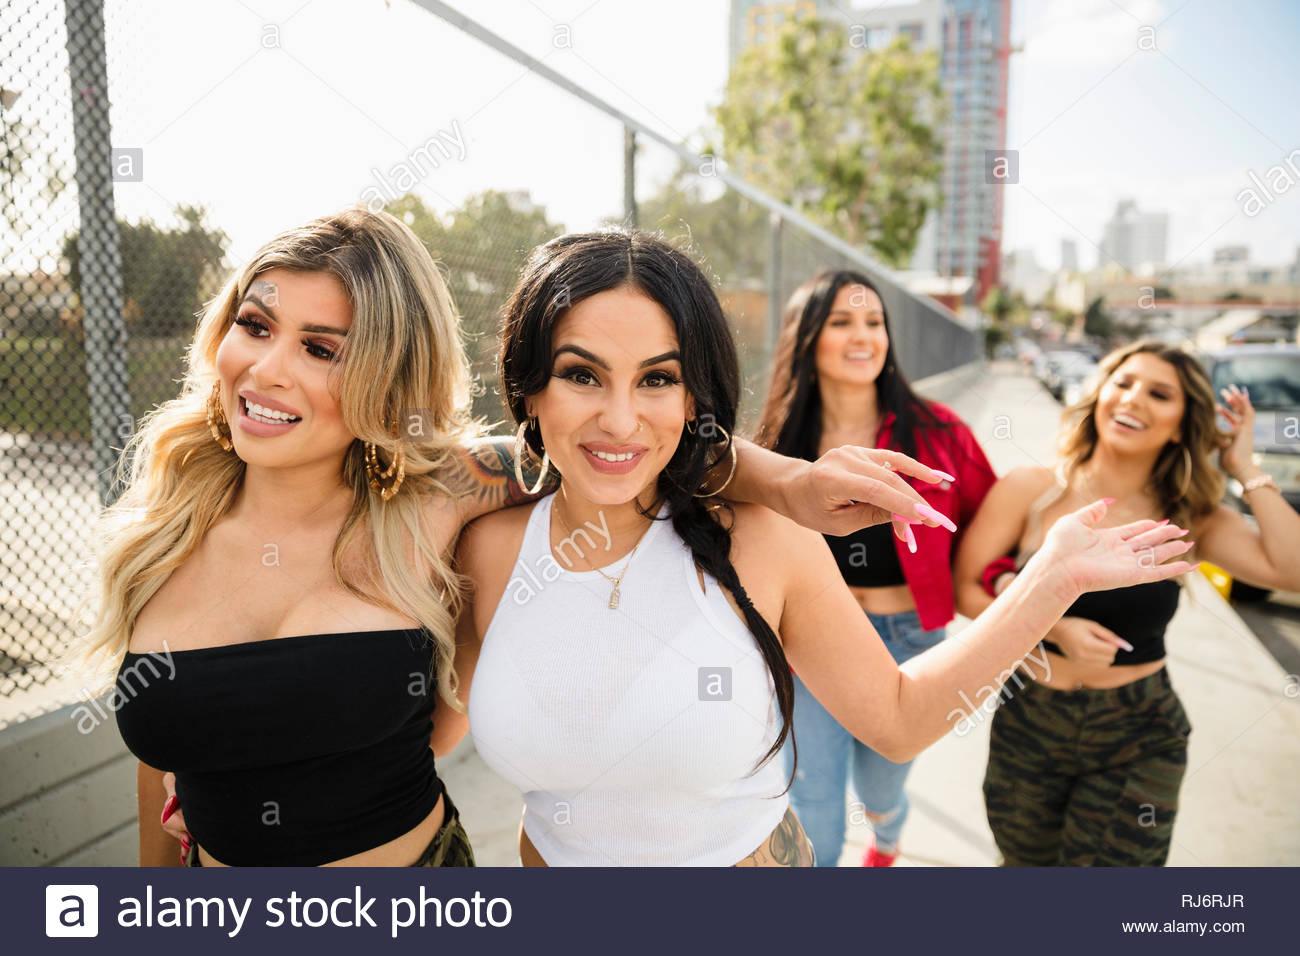 Portrait sorglos Latinx junge Frauen gehen auf städtischen Überführung Stockbild